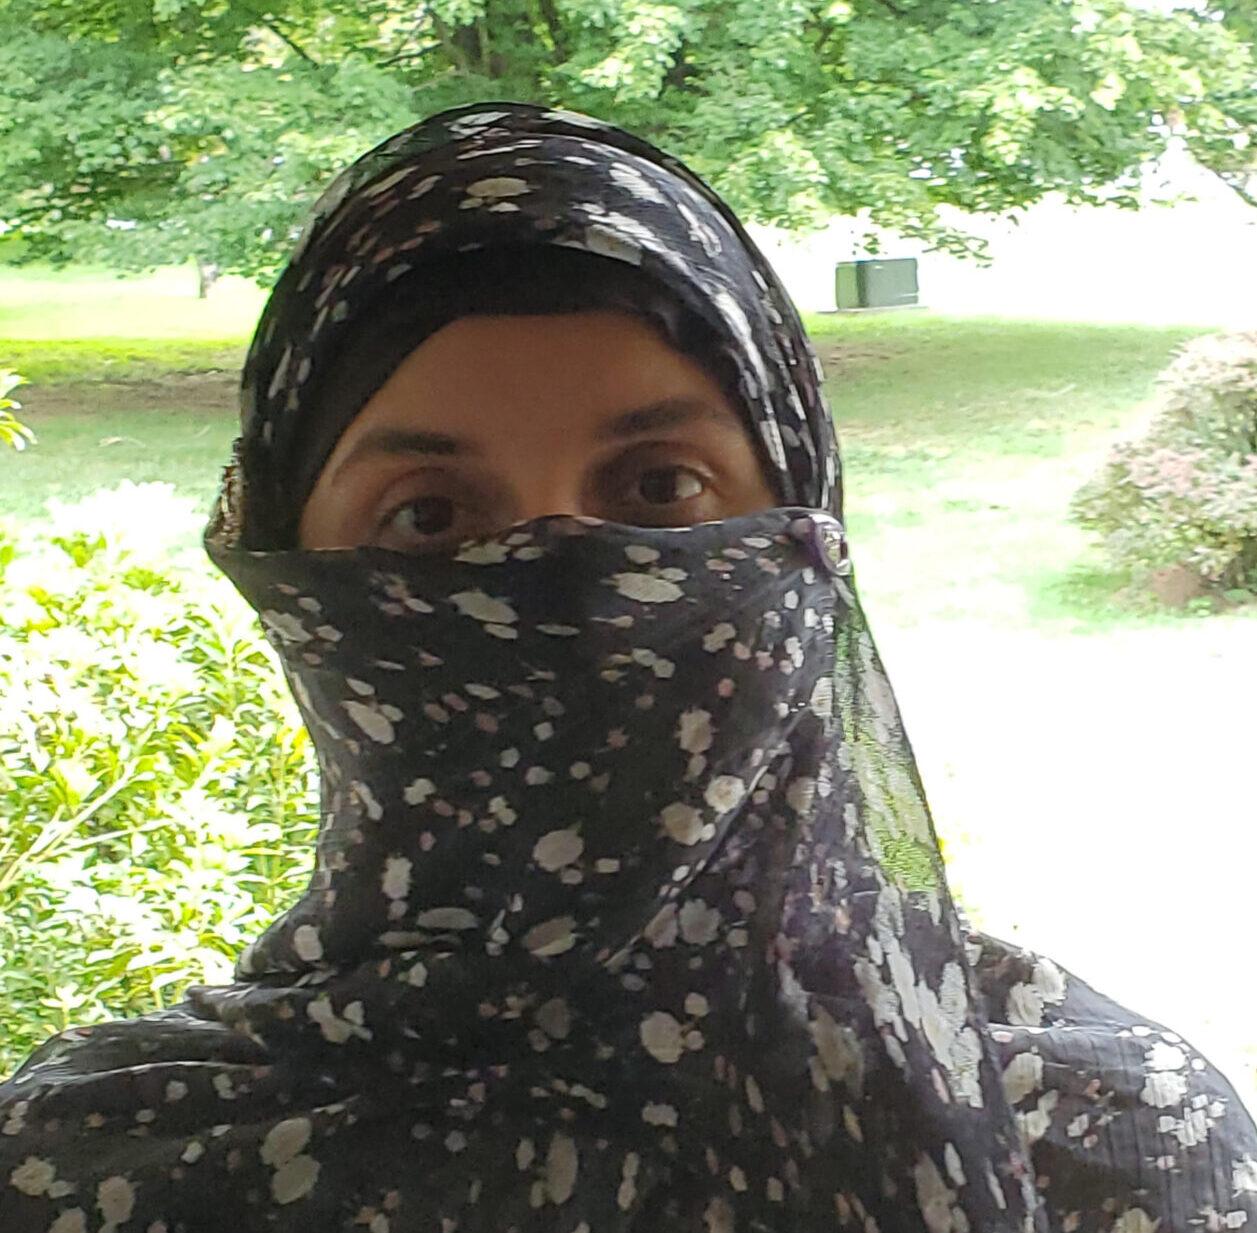 Nadia Qureshi